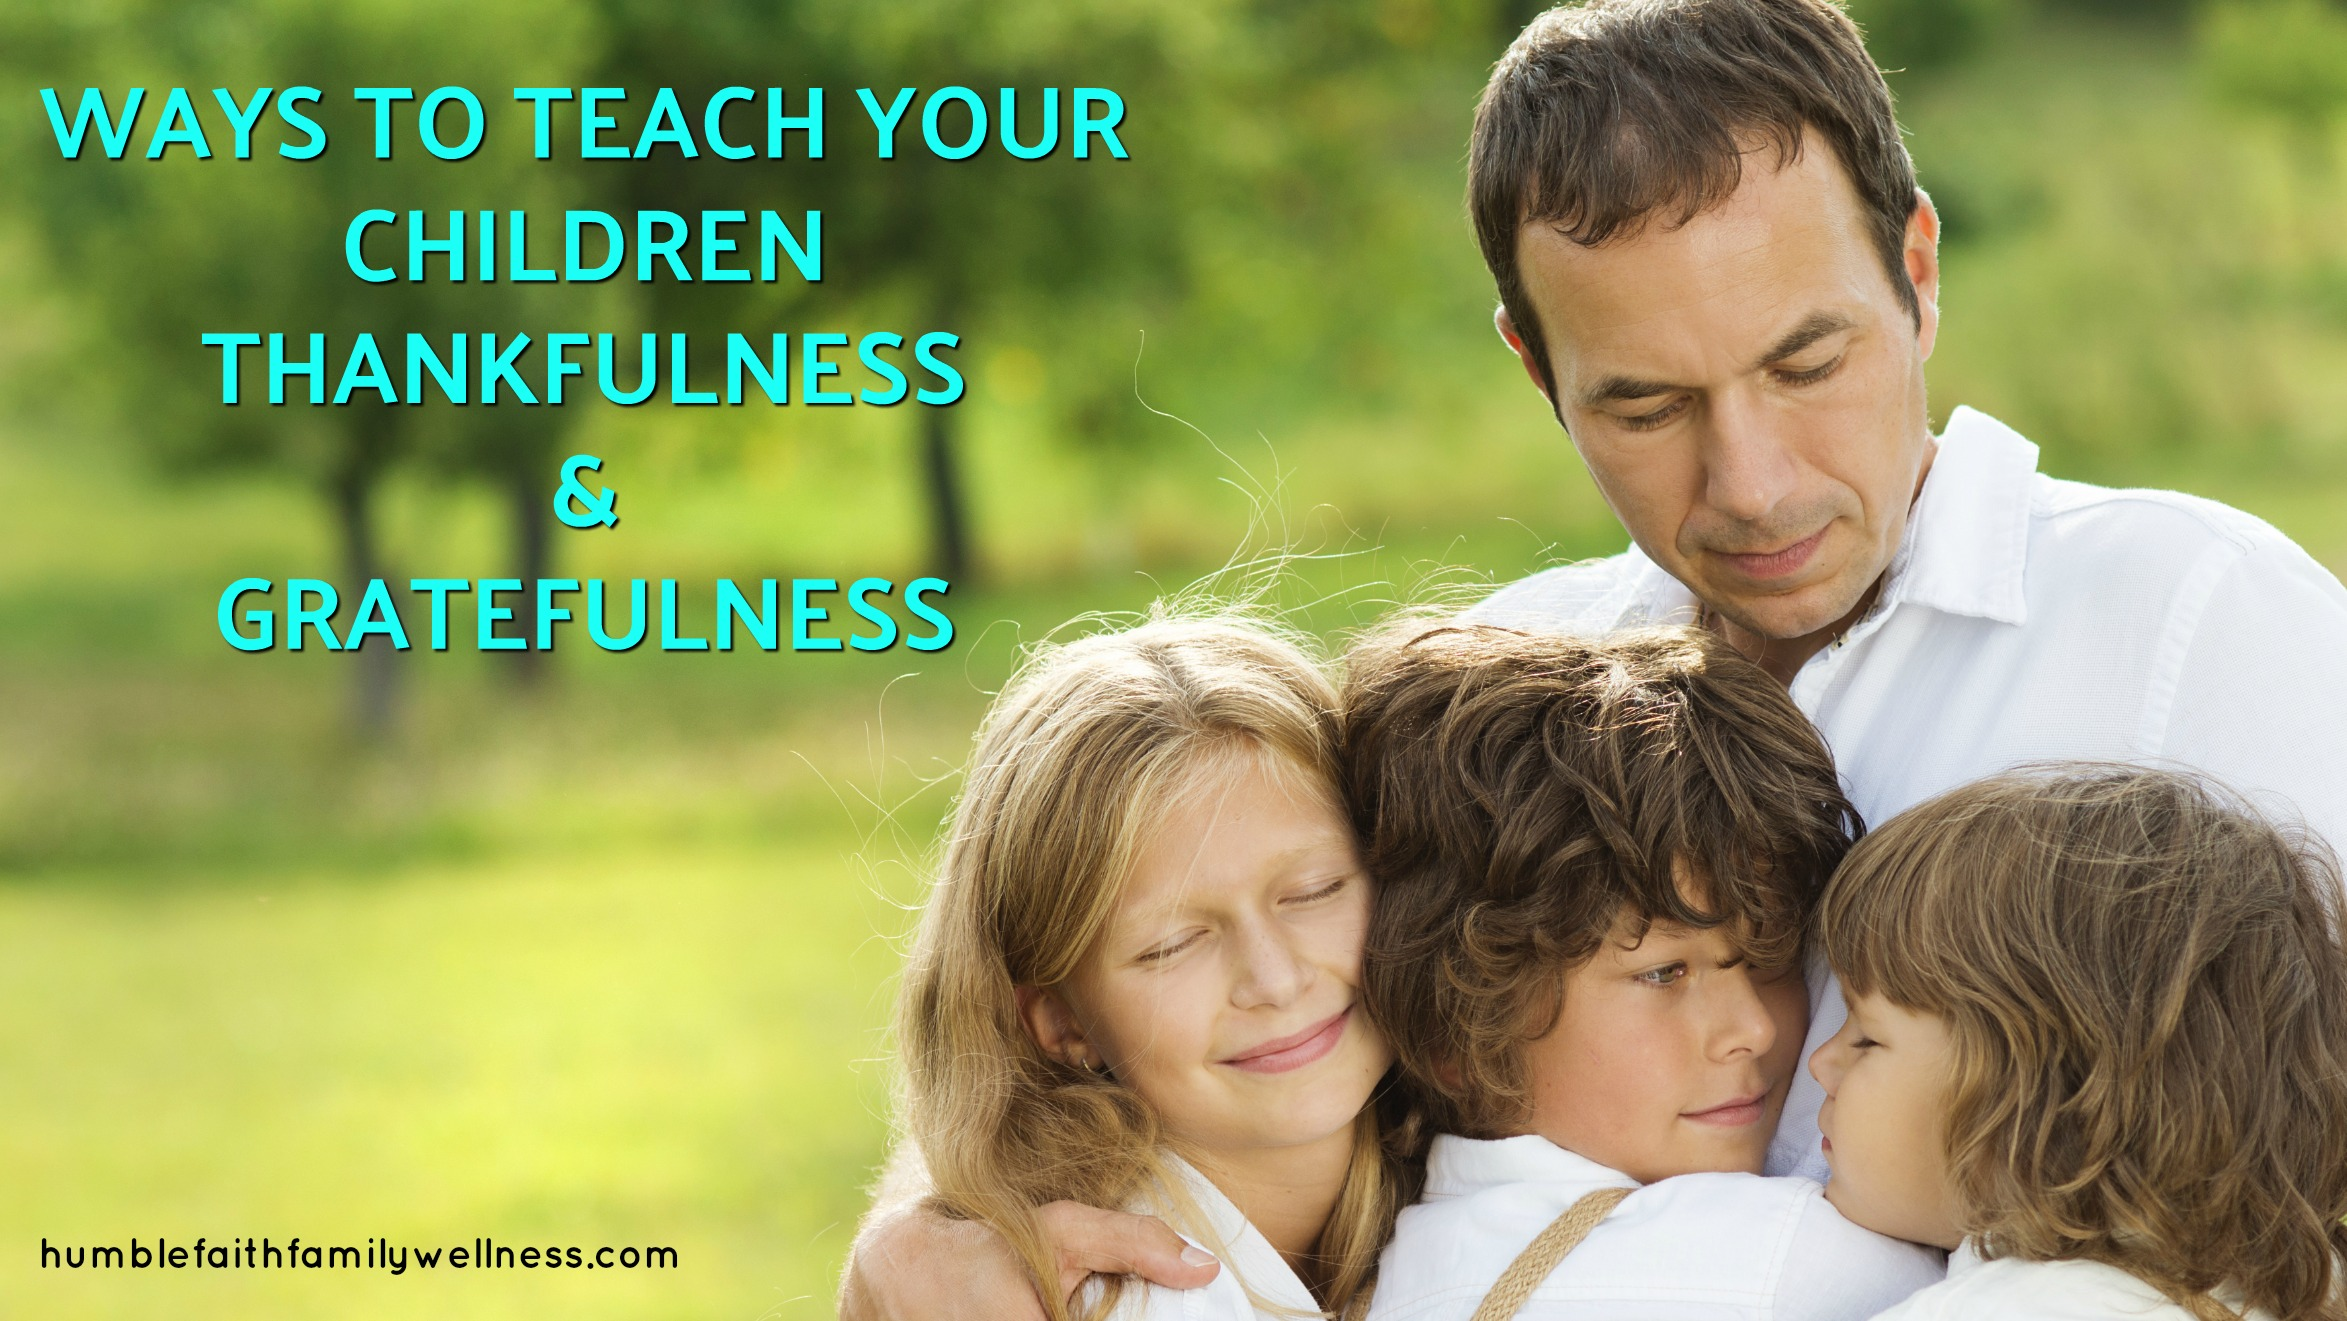 gratefulness, thankfulness, parenting, children